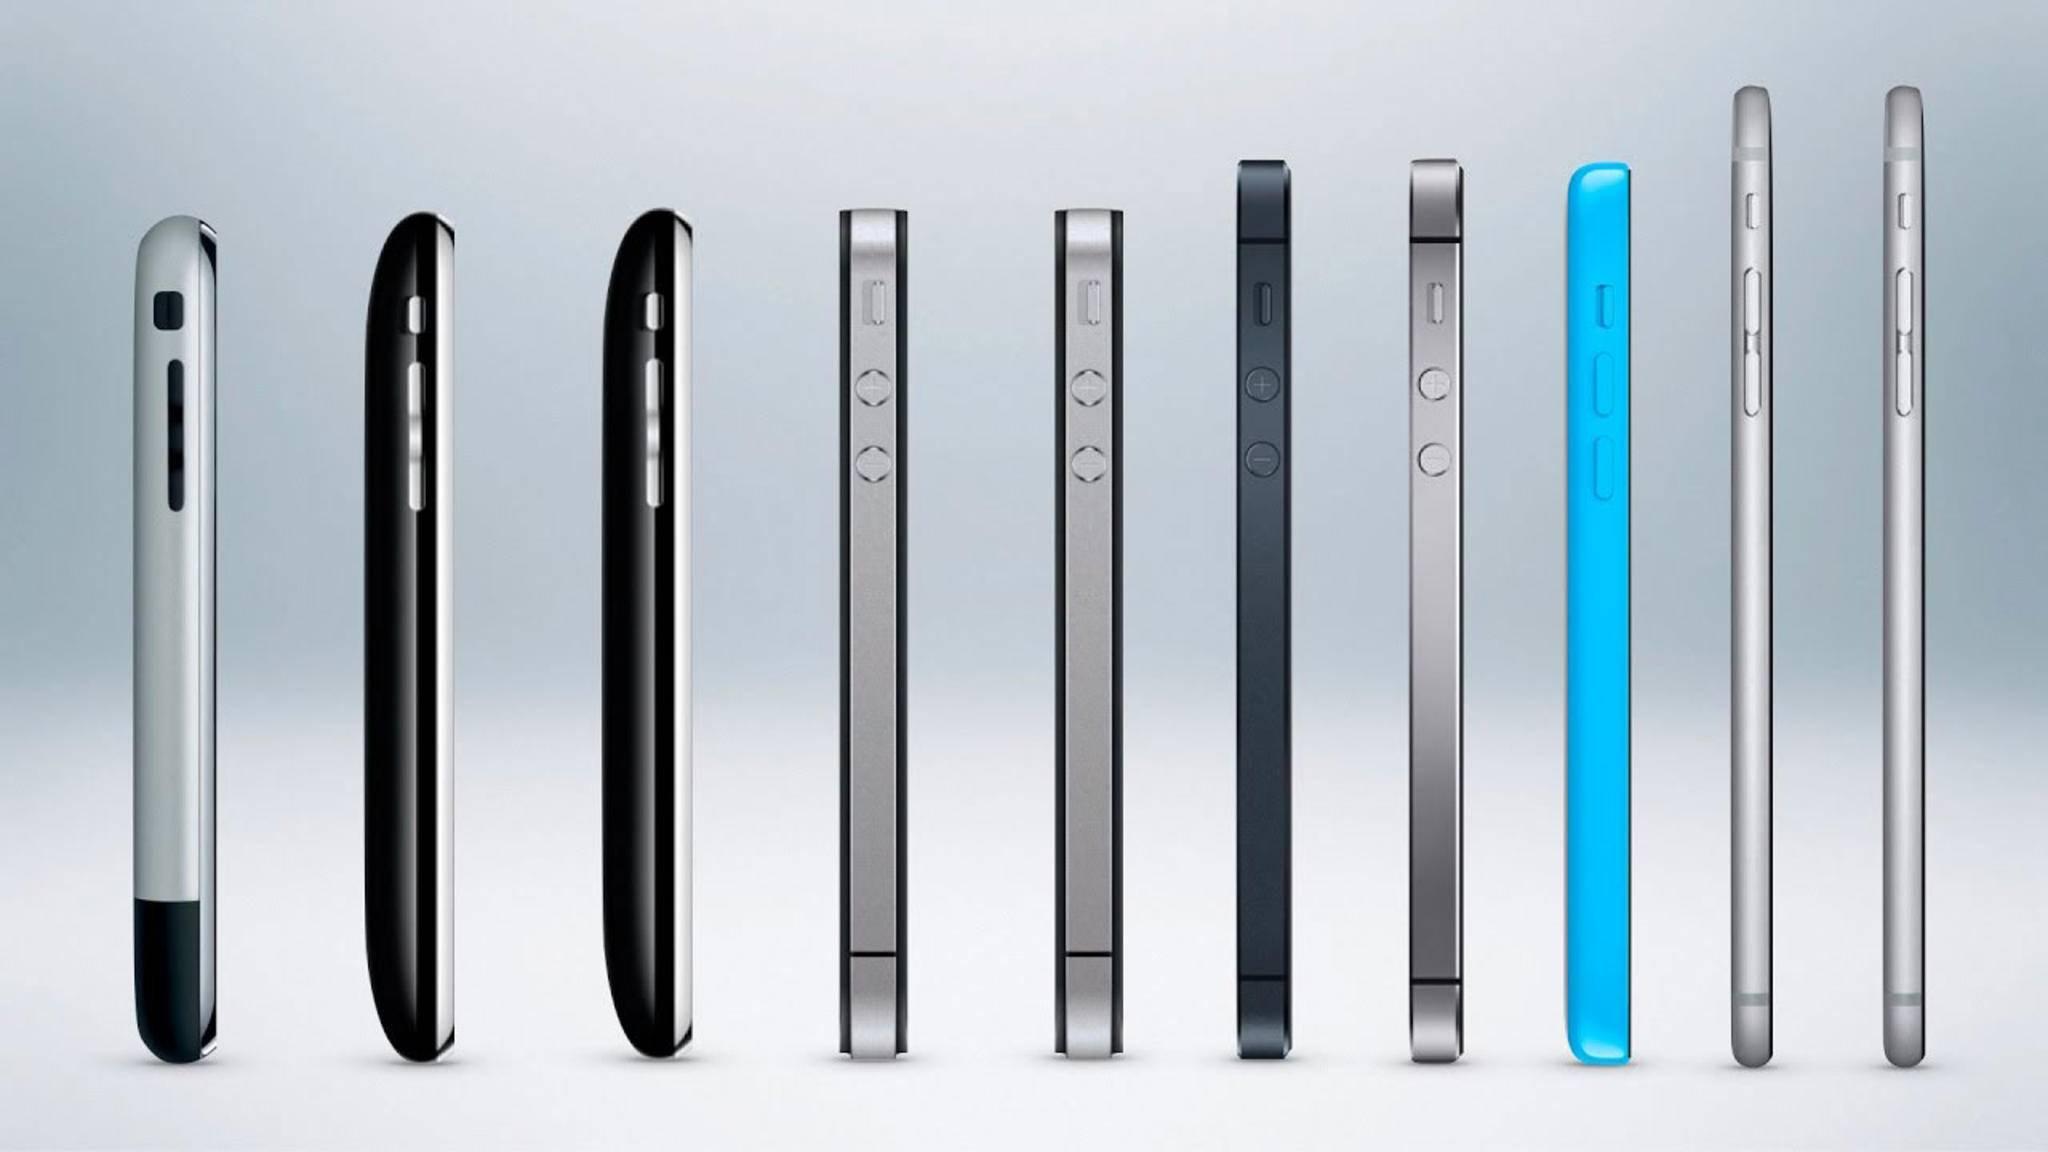 Du möchtest wissen, wie alt ein bestimmtes iPhone tatsächlich ist? Mithilfe der Seriennummer kannst Du das prüfen.